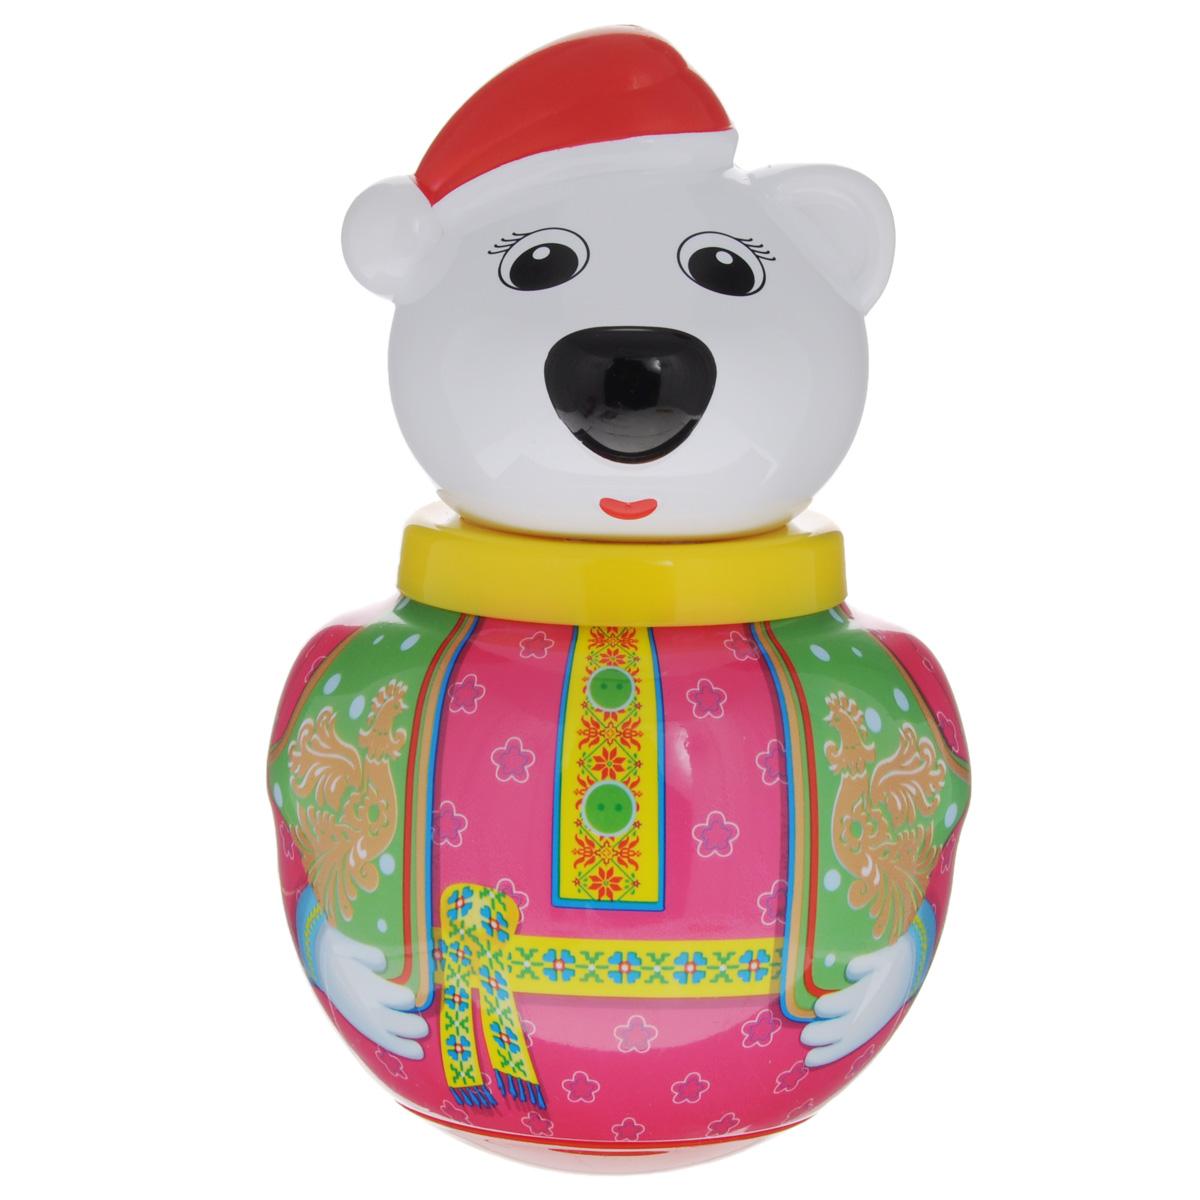 Неваляшка Stellar Белый медведь Тёма, 16 см, в ассортименте01739Неваляшка Stellar Белый медведь Тёма привлечет внимание вашего малыша и не позволит ему скучать. Игрушка выполнена из пластика в виде симпатичного медведя. Неваляшка всегда возвращается в вертикальное положение, забавно покачиваясь под приятный звук бубенчиков и развлекая малыша. Неваляшка развивает мелкую моторику, координацию, слух и цветовое восприятие. УВАЖАЕМЫЕ КЛИЕНТЫ! Обращаем ваше внимание на возможные изменения в дизайне игрушки.